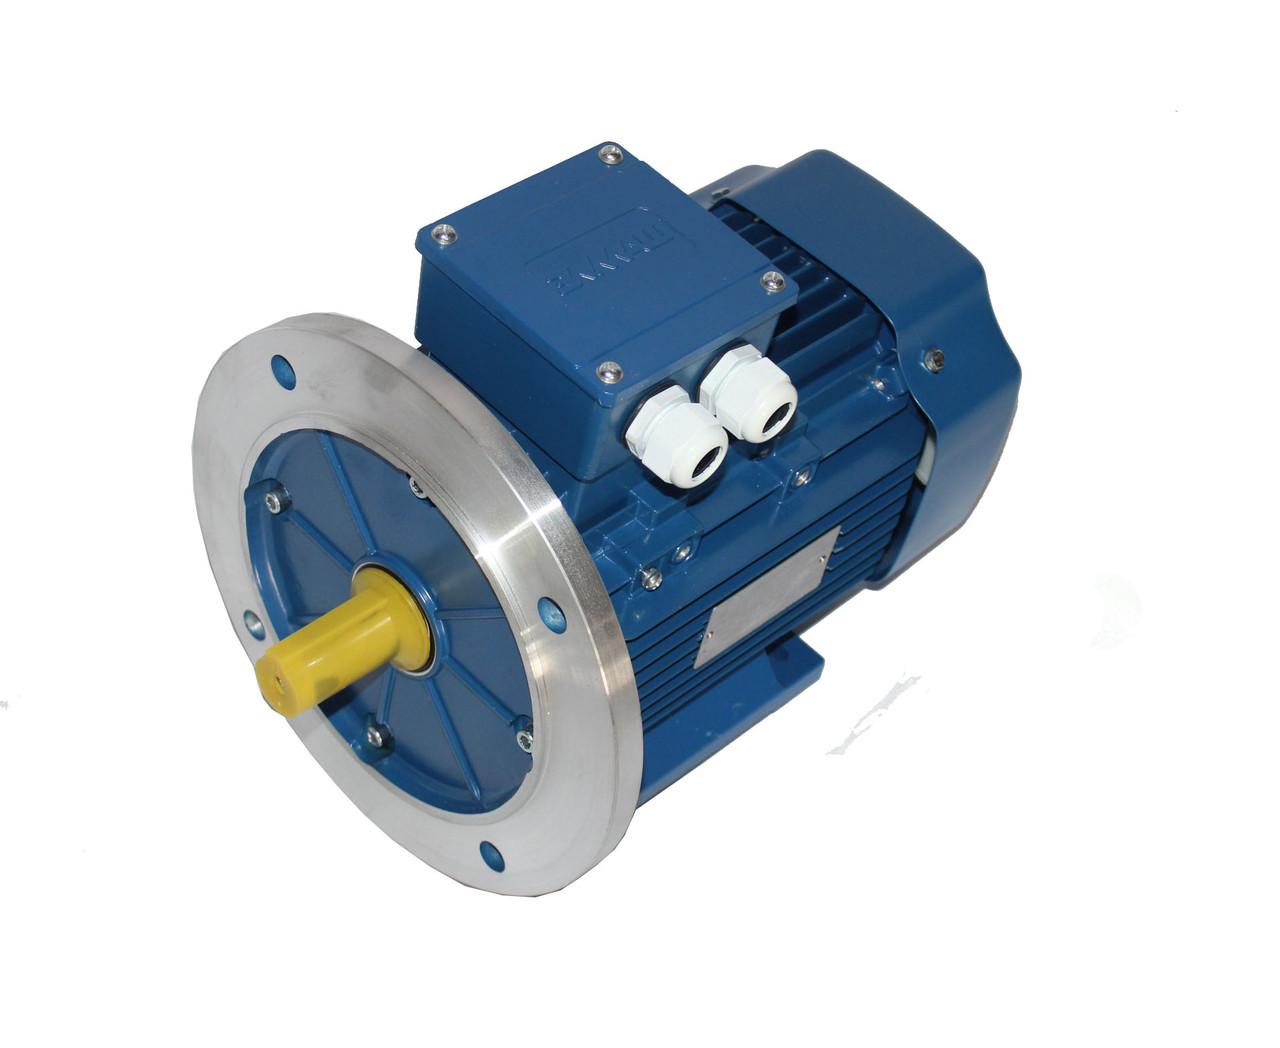 5.5кВт 1500об/мин двигатель АИР112М4.